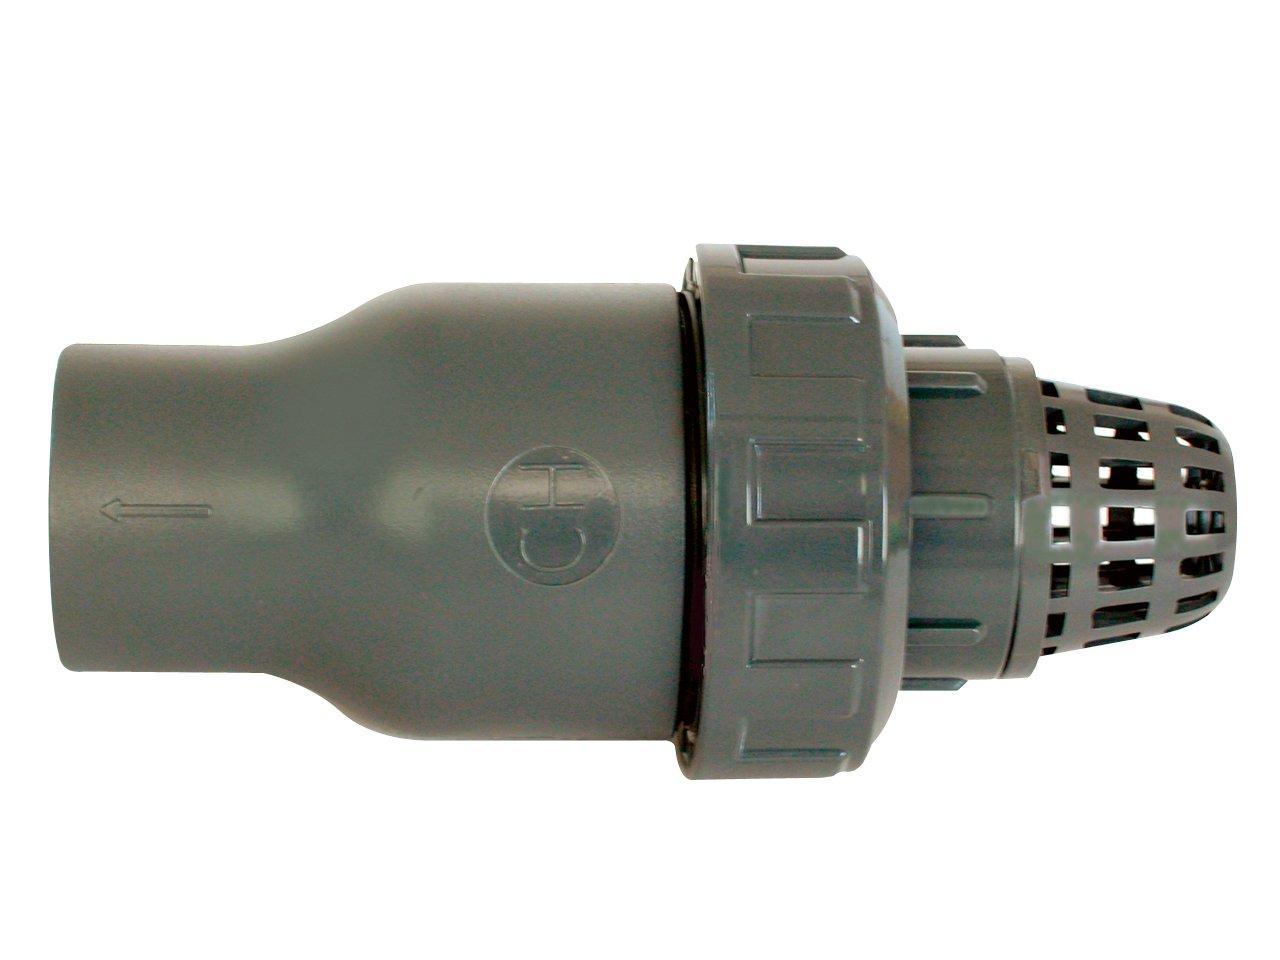 Tvarovka - Kuželový zpětný ventil 75 mm se sacím košem